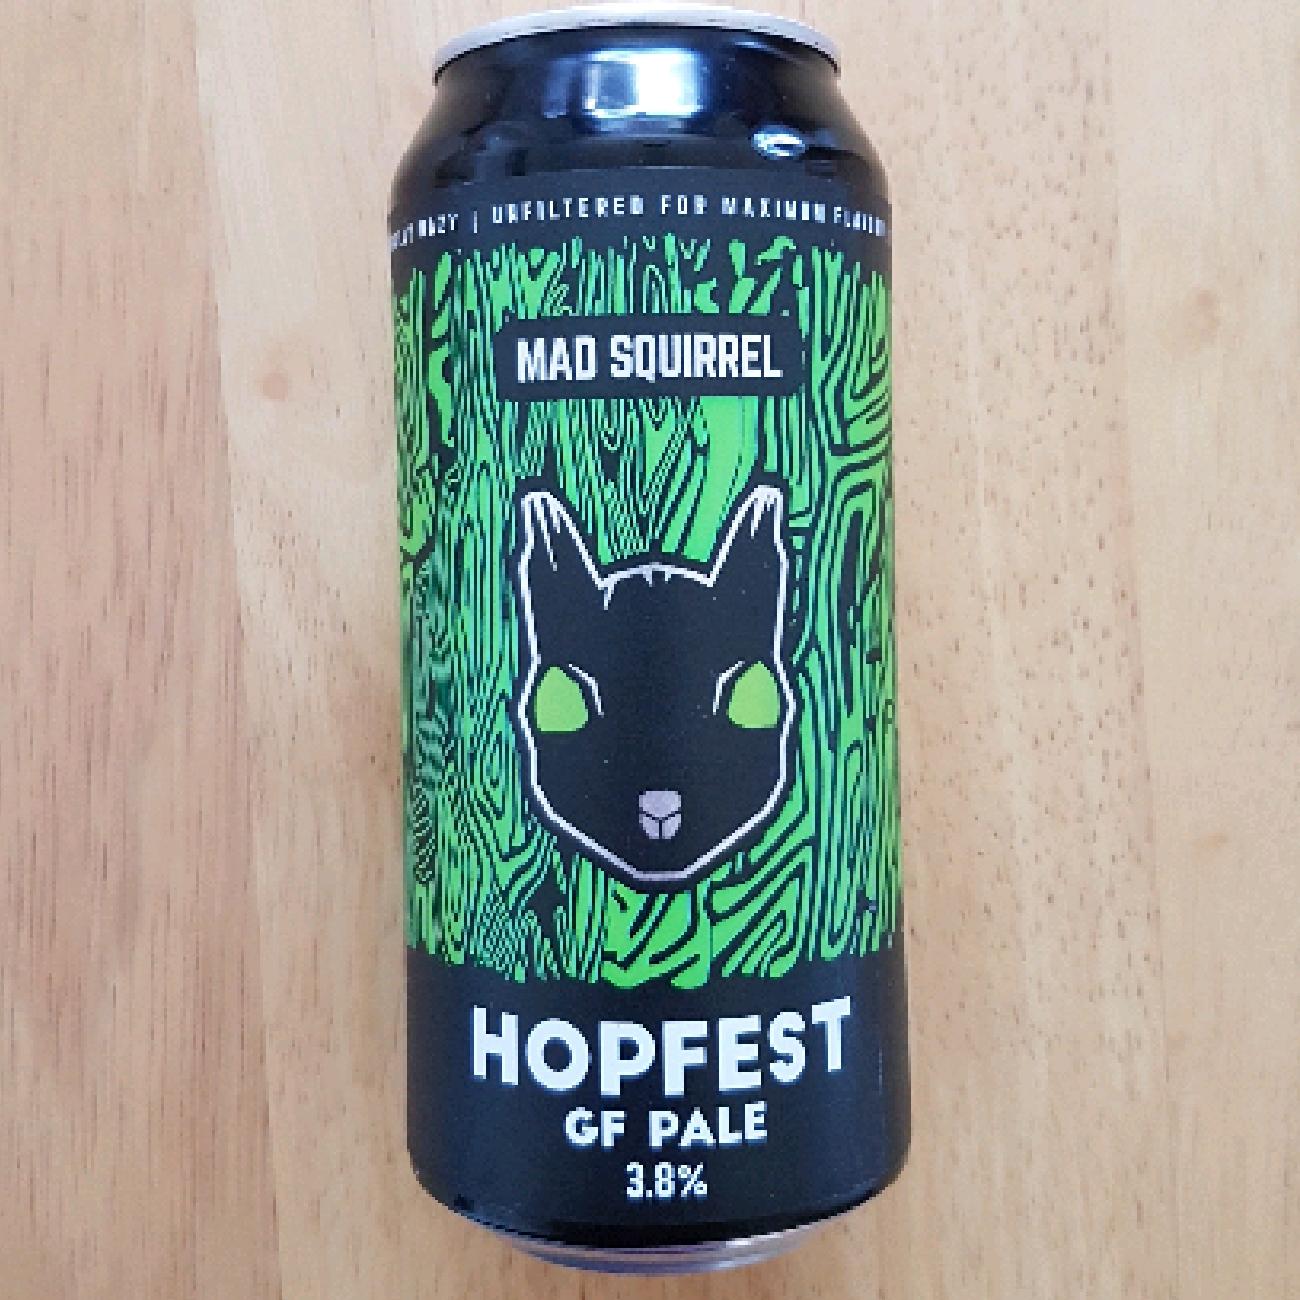 Mad Squirrel Hopfest GF Pale